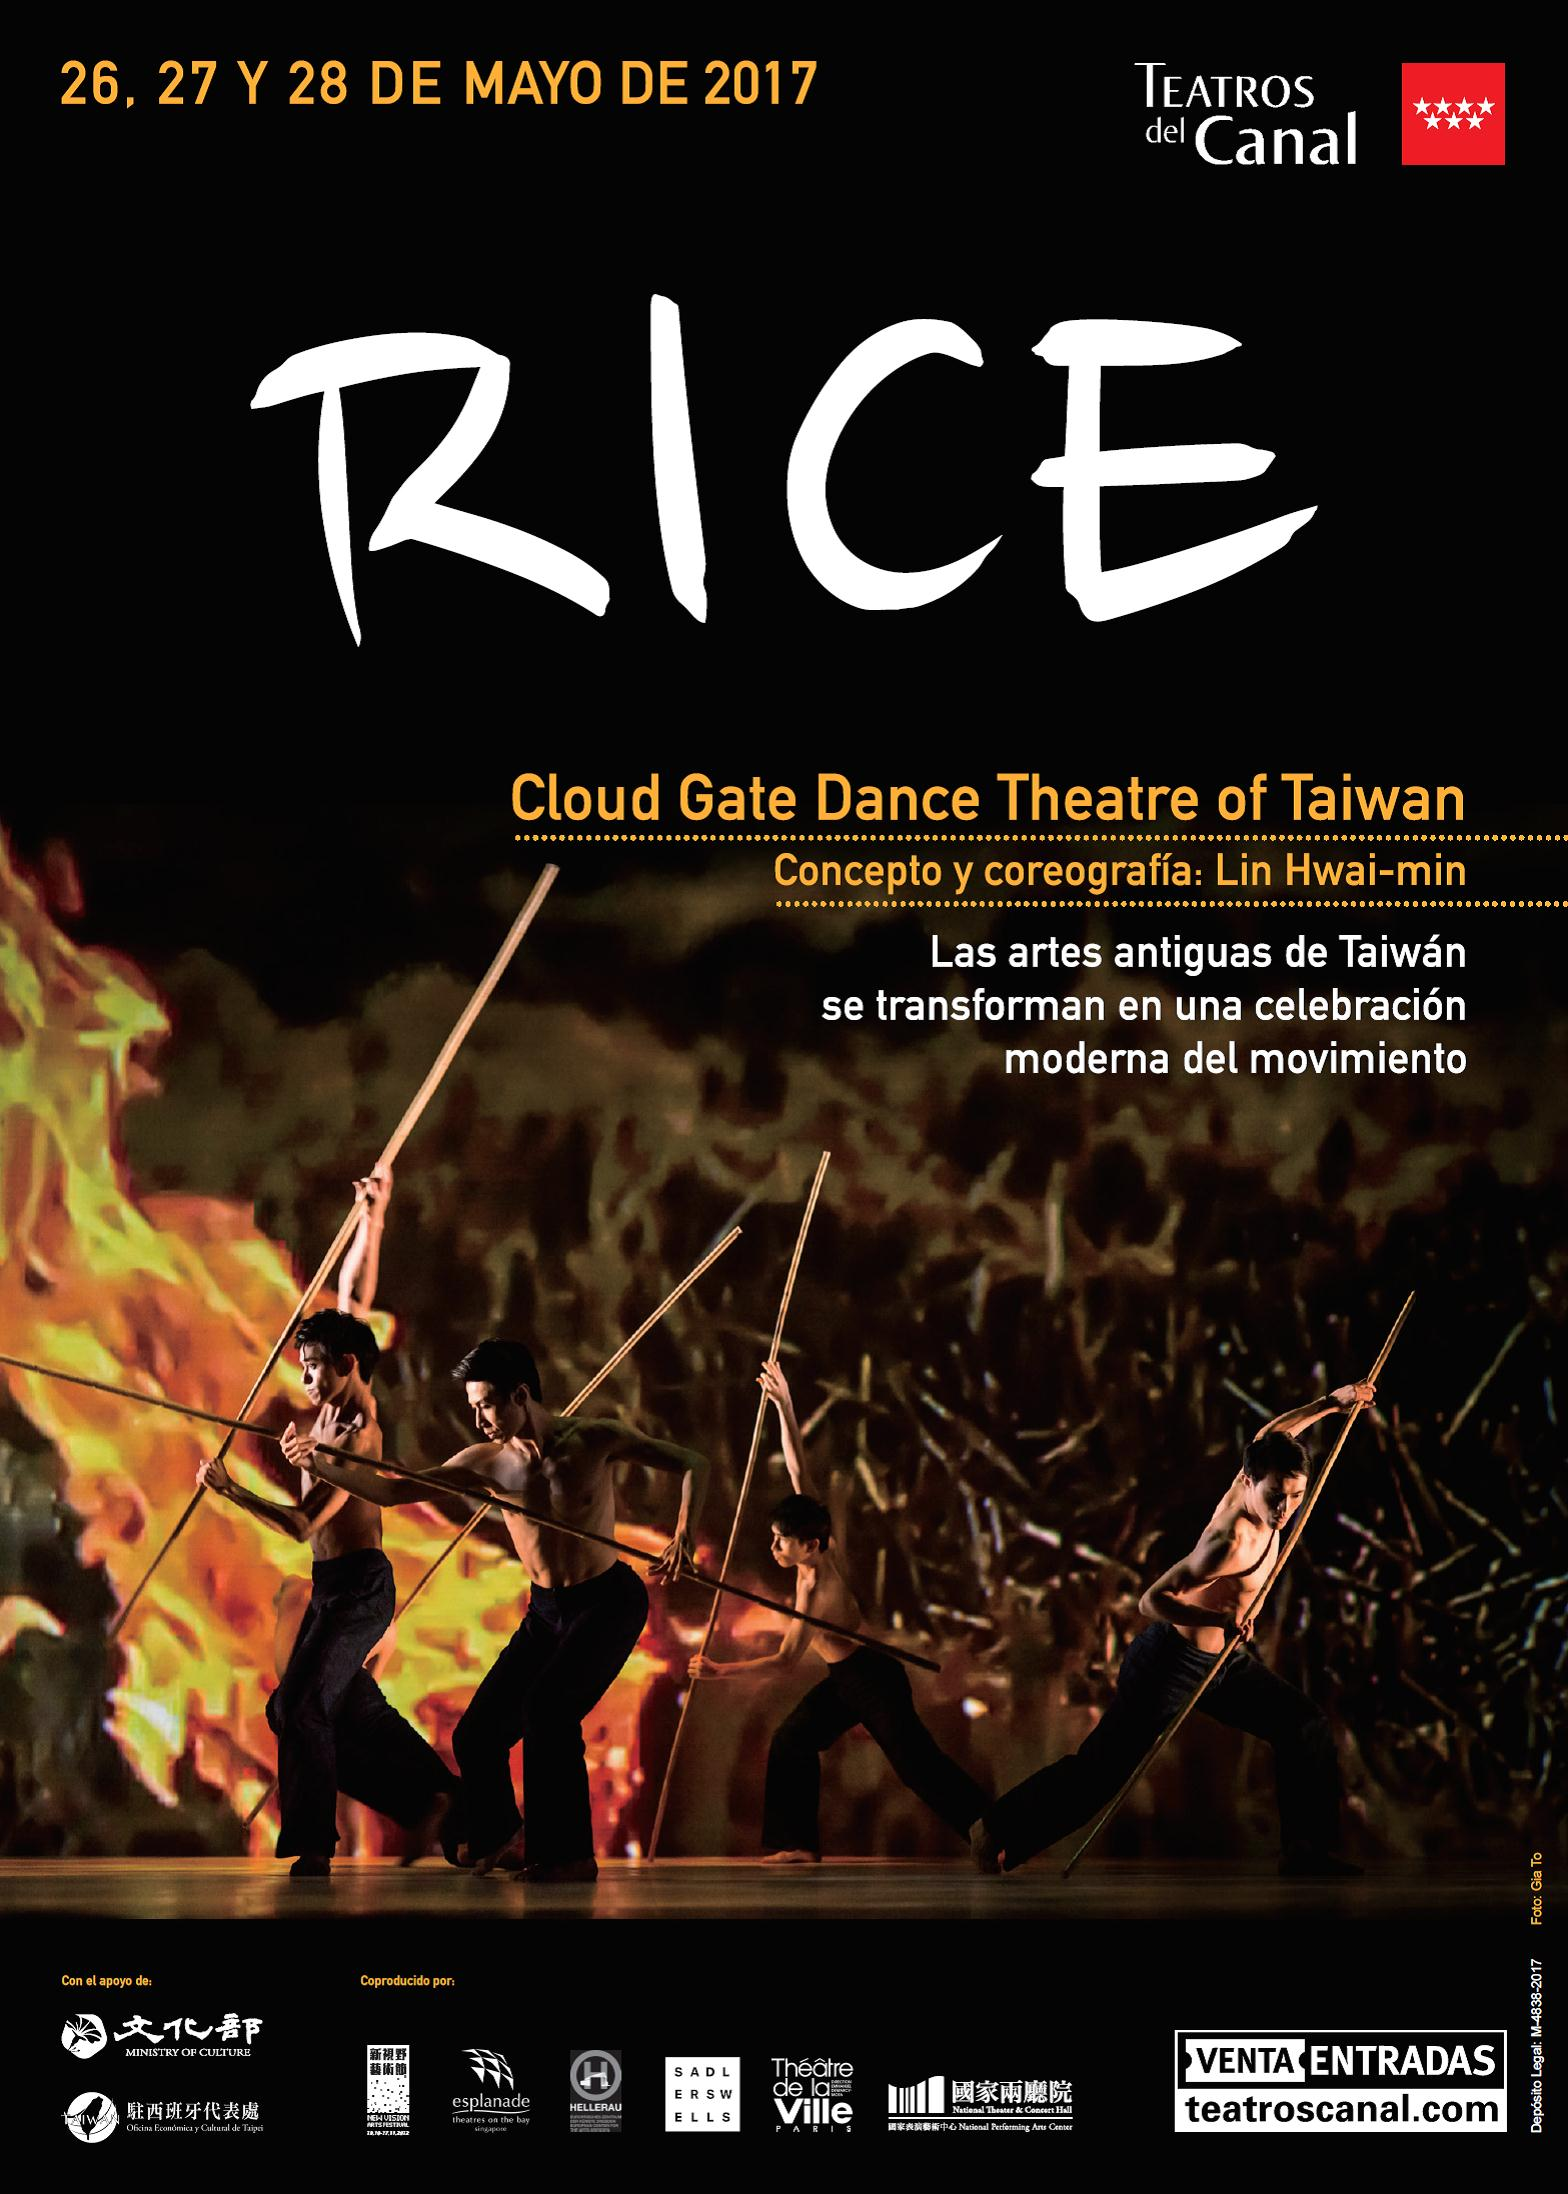 Teatros del Canal: Cloud Gate Dance Theatre de Taiwán